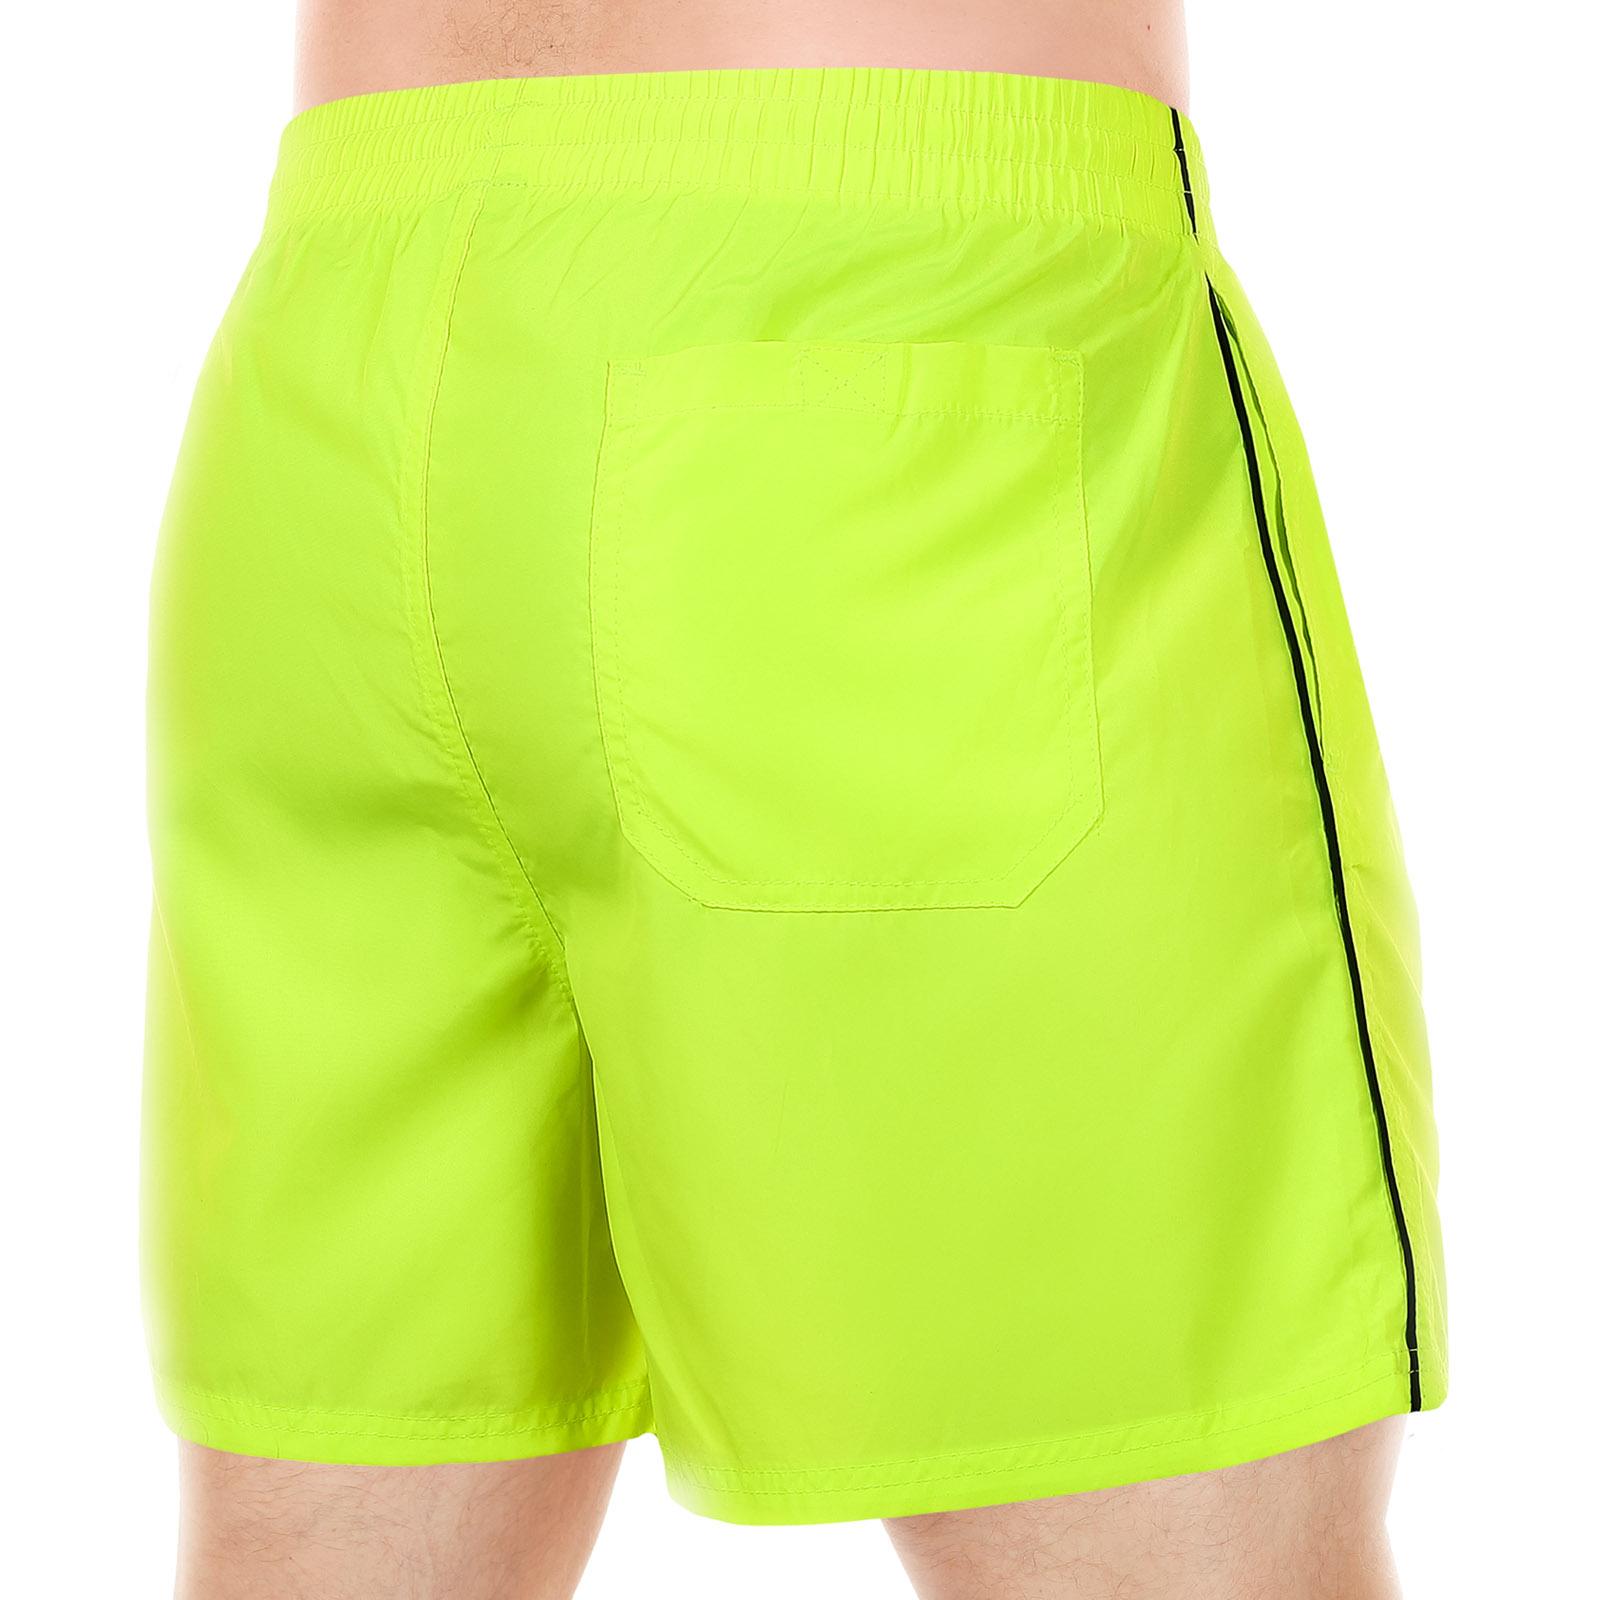 Чумовые пляжные шорты для крутых пацанов от канадского производителя MACE по лучшей цене